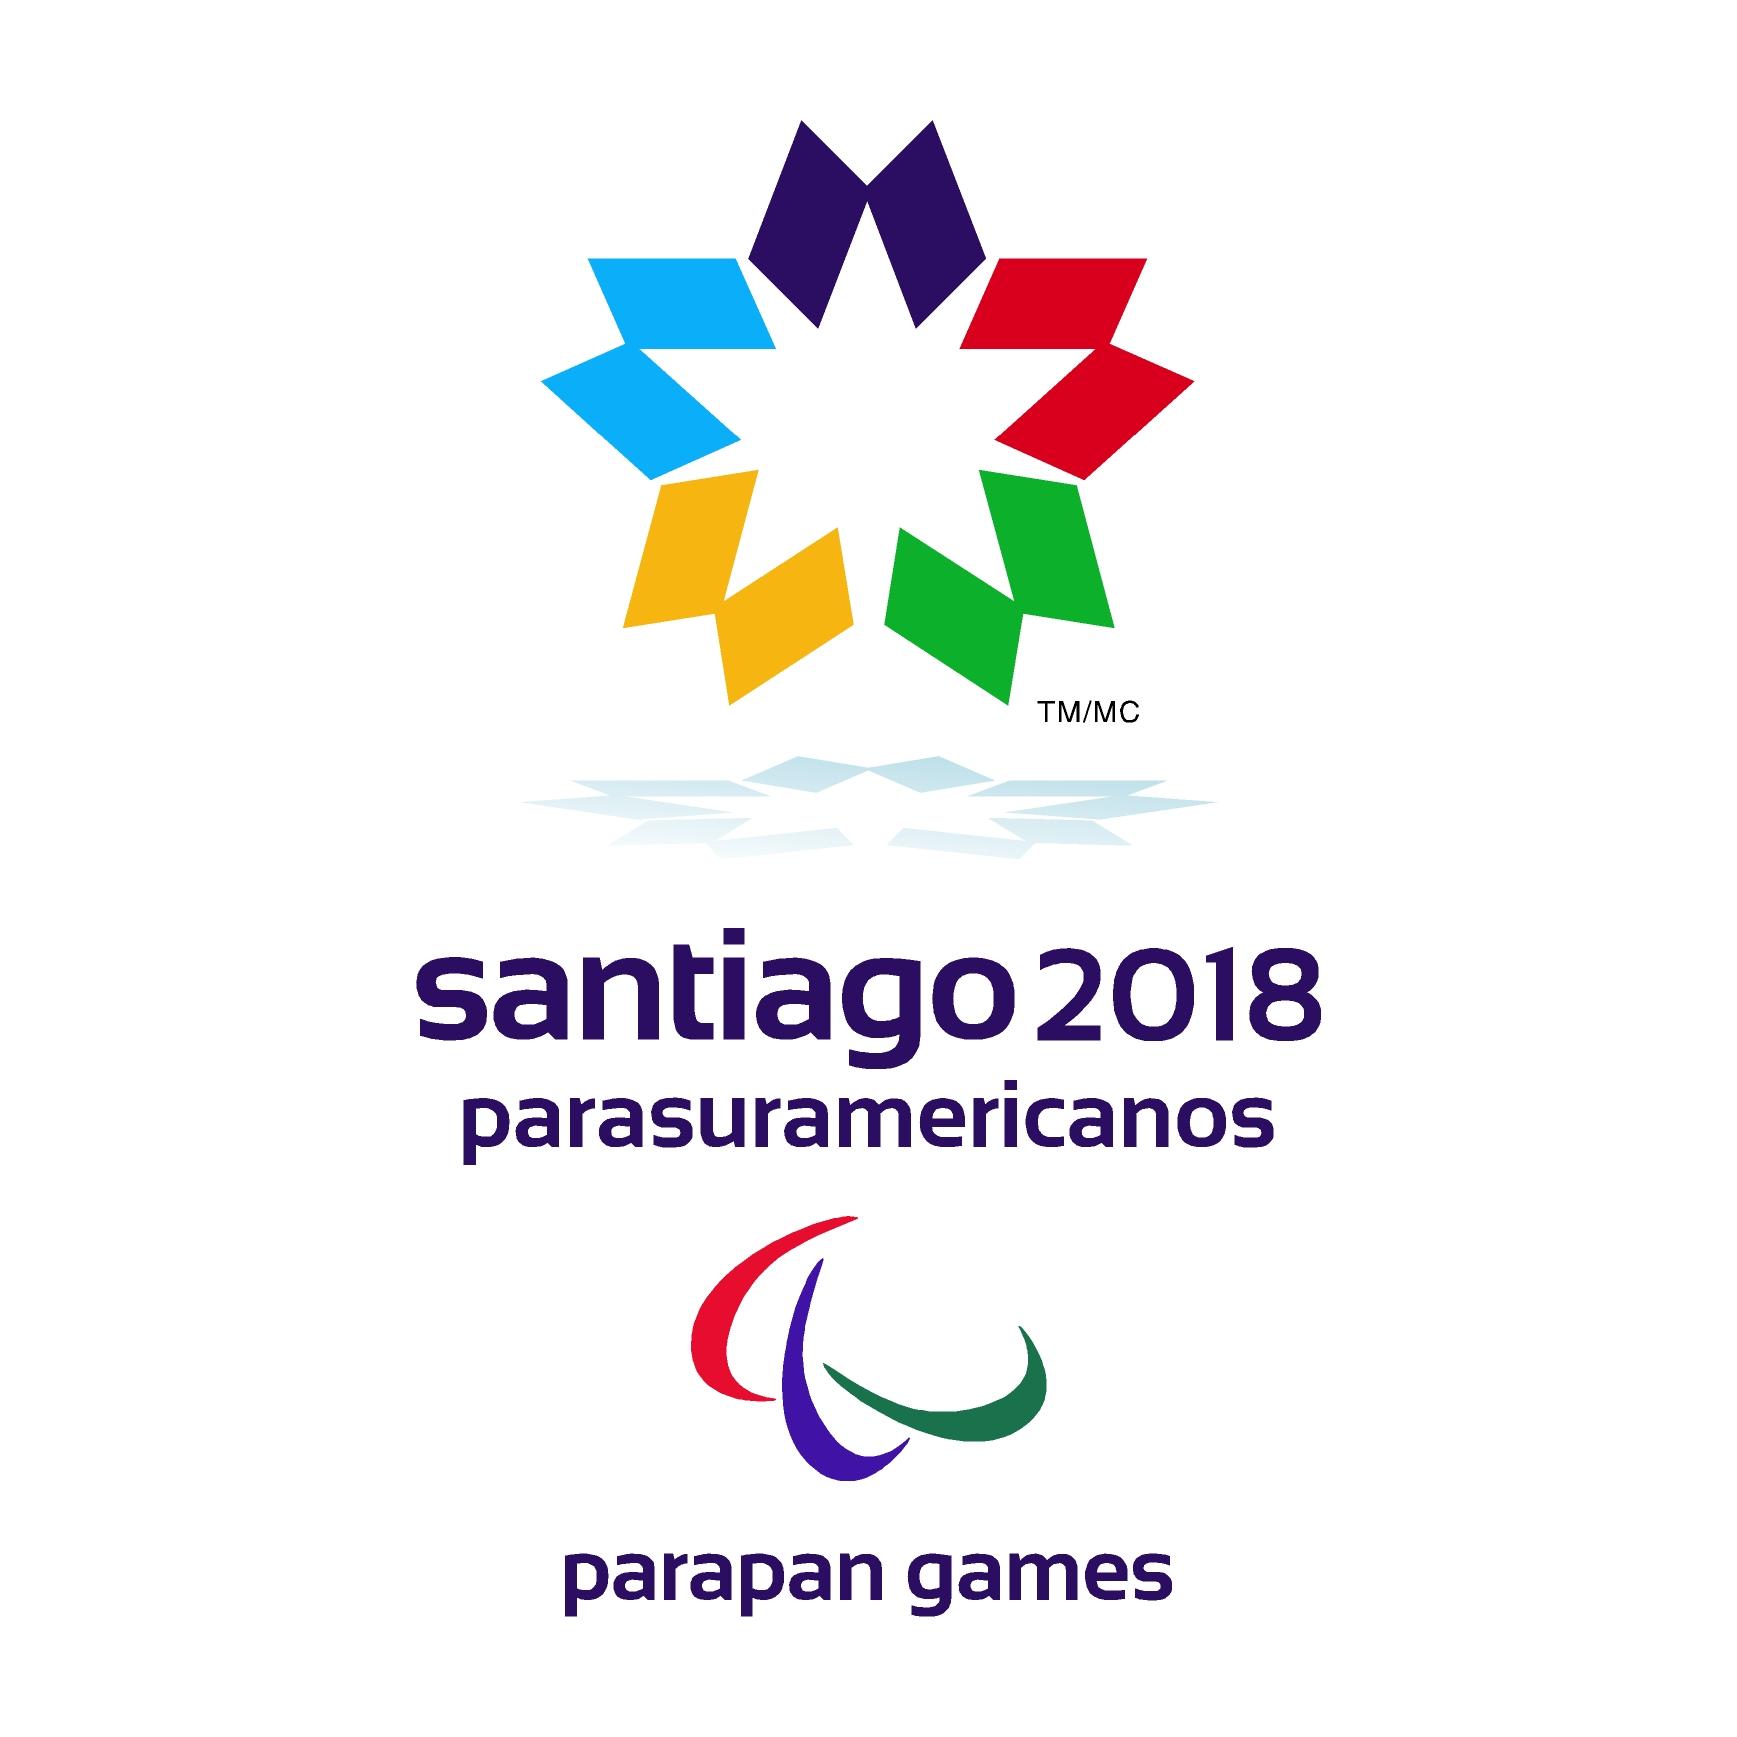 II Juegos Parasuramericanos Santiago 2018